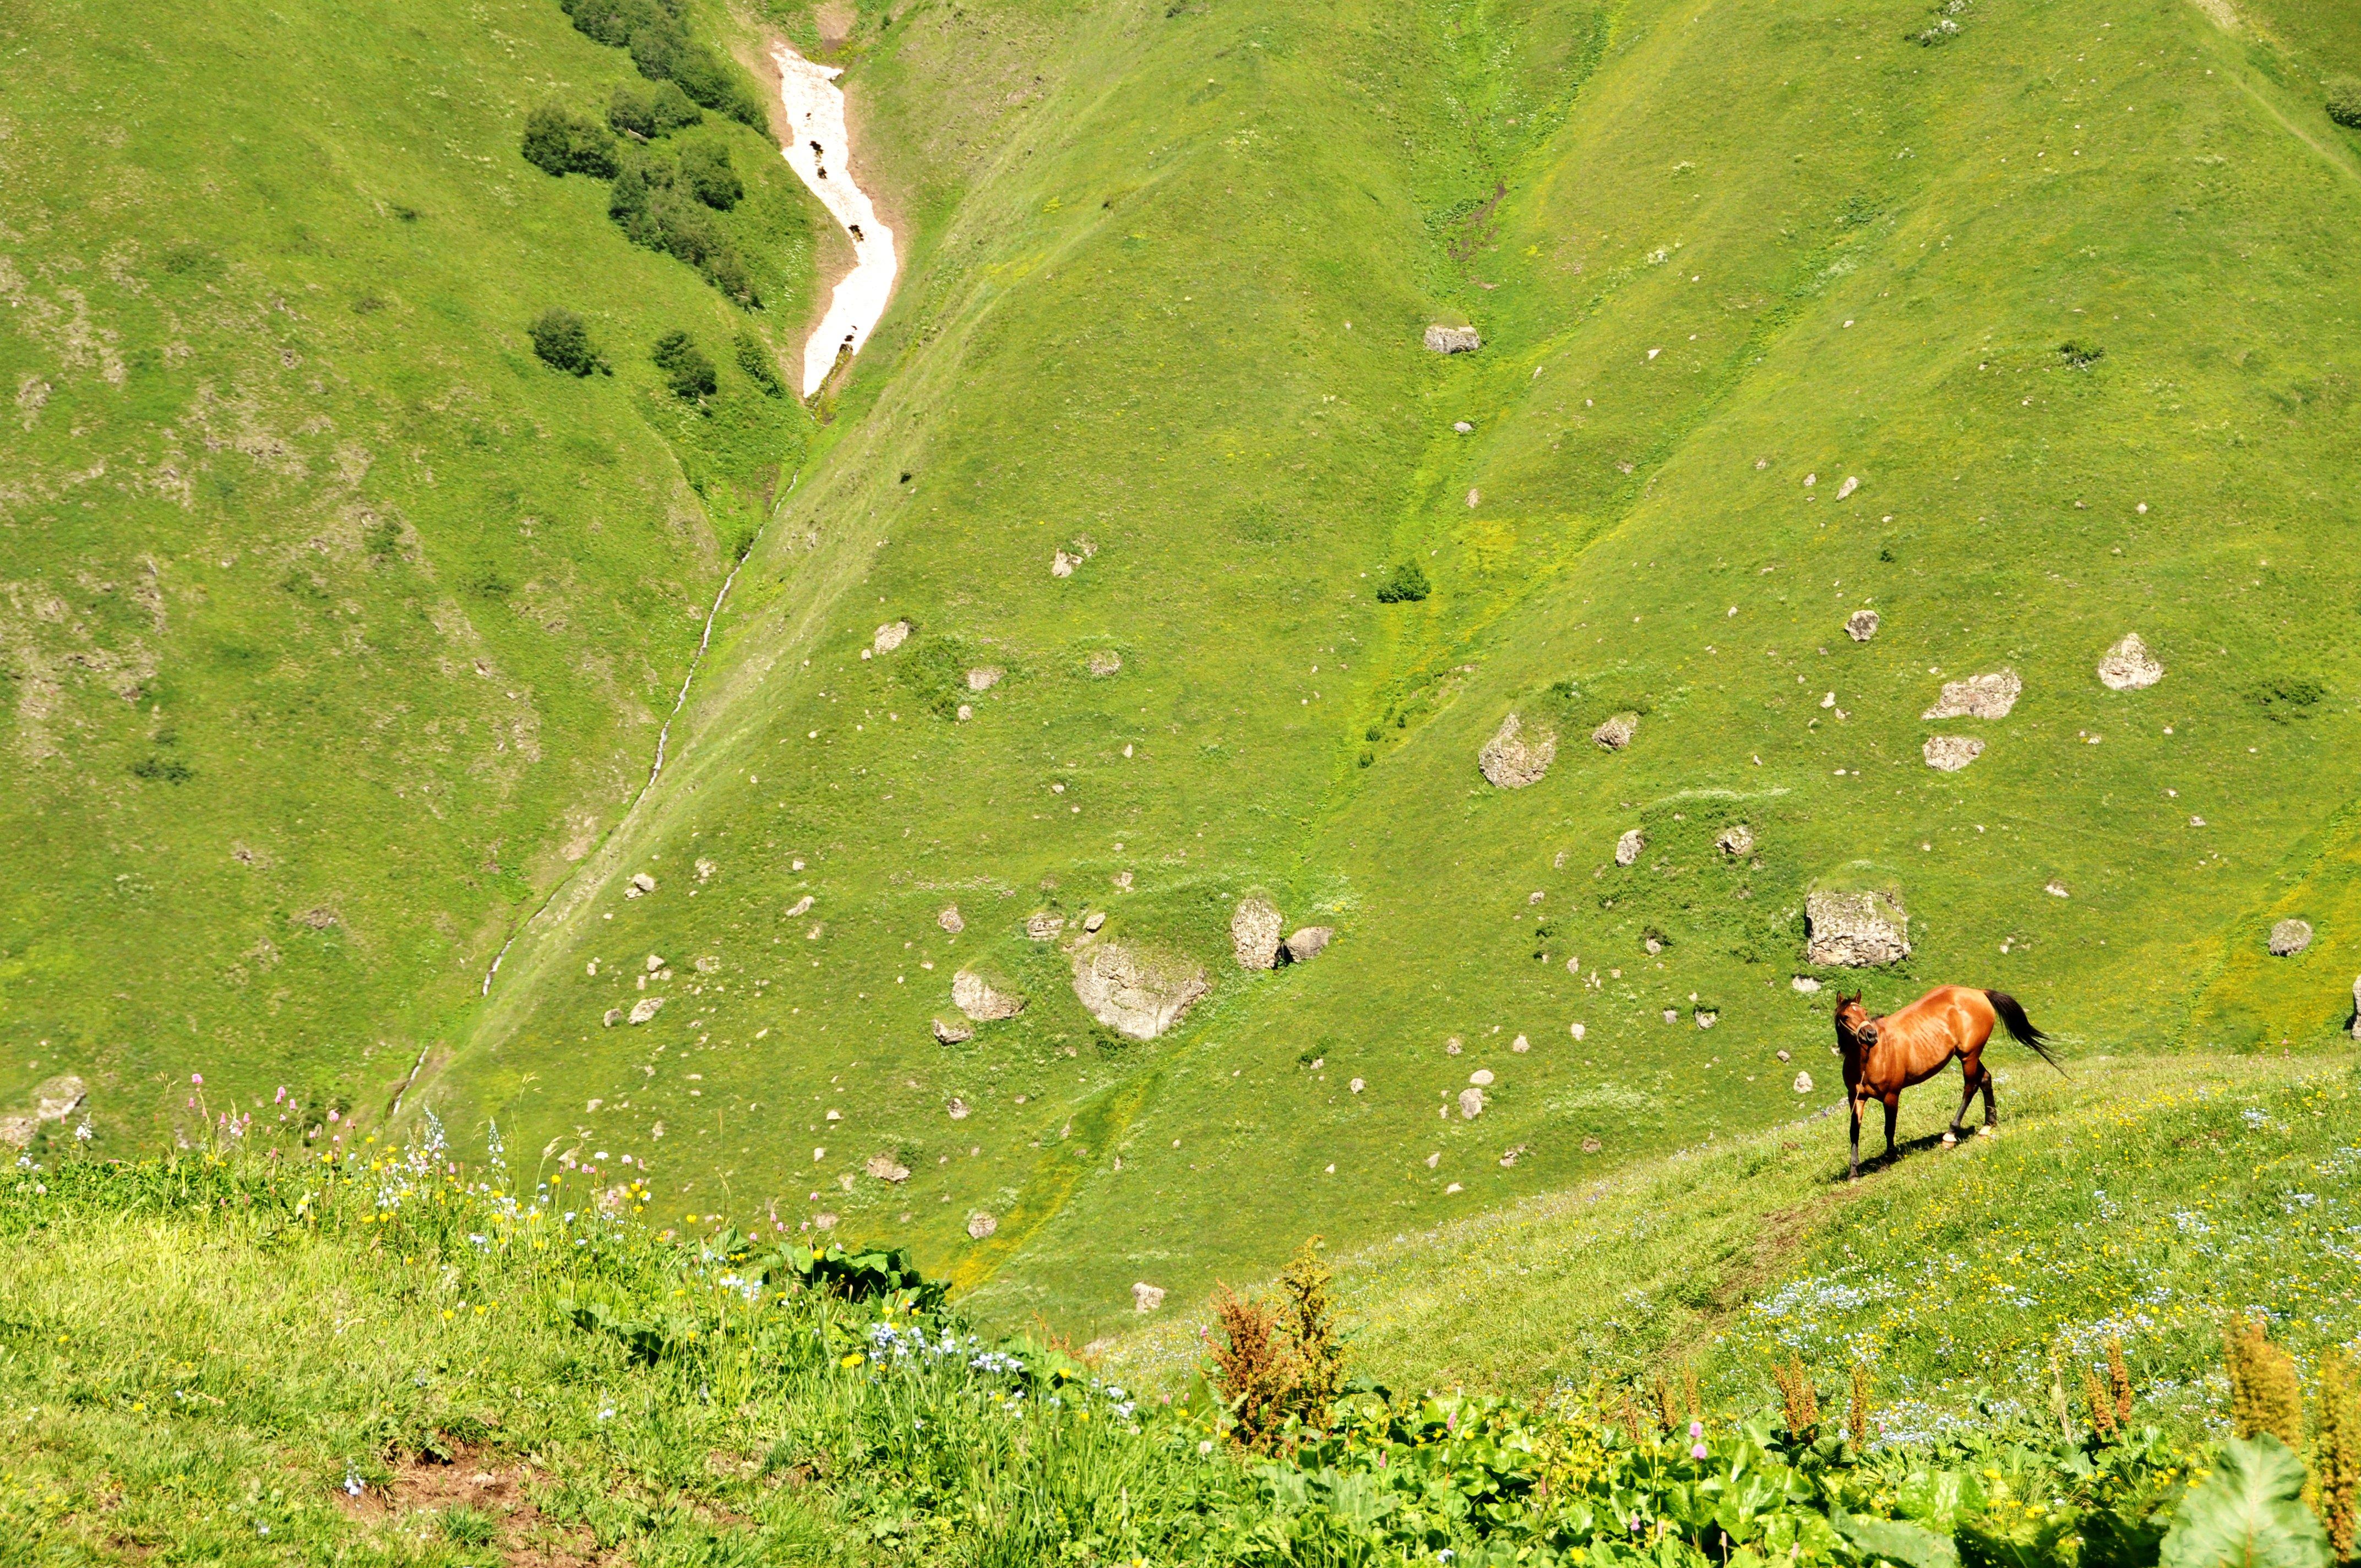 Wild horse in Juta Valley